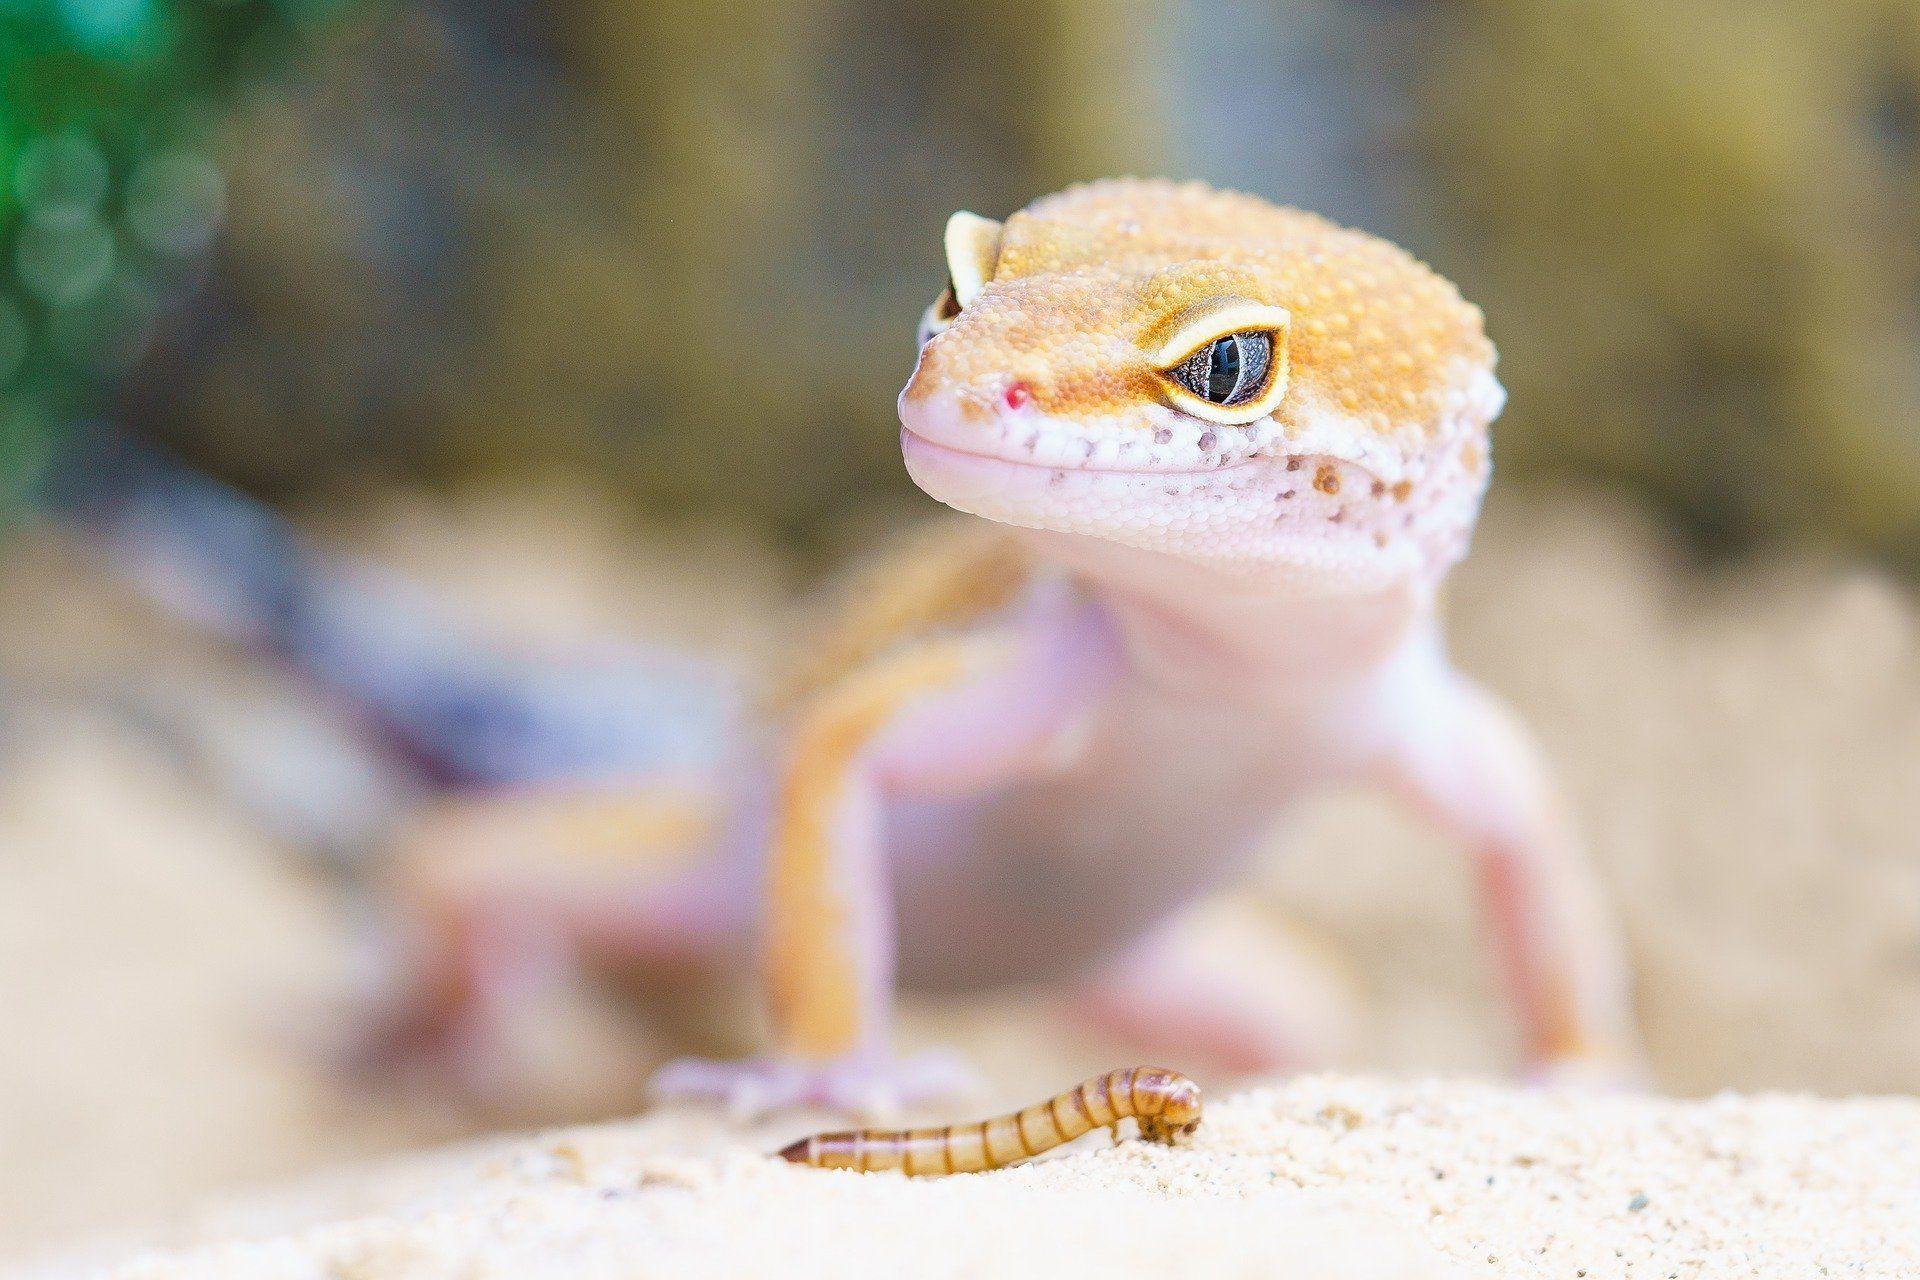 Купить фото с гекконом? Скачивайте бесплатно